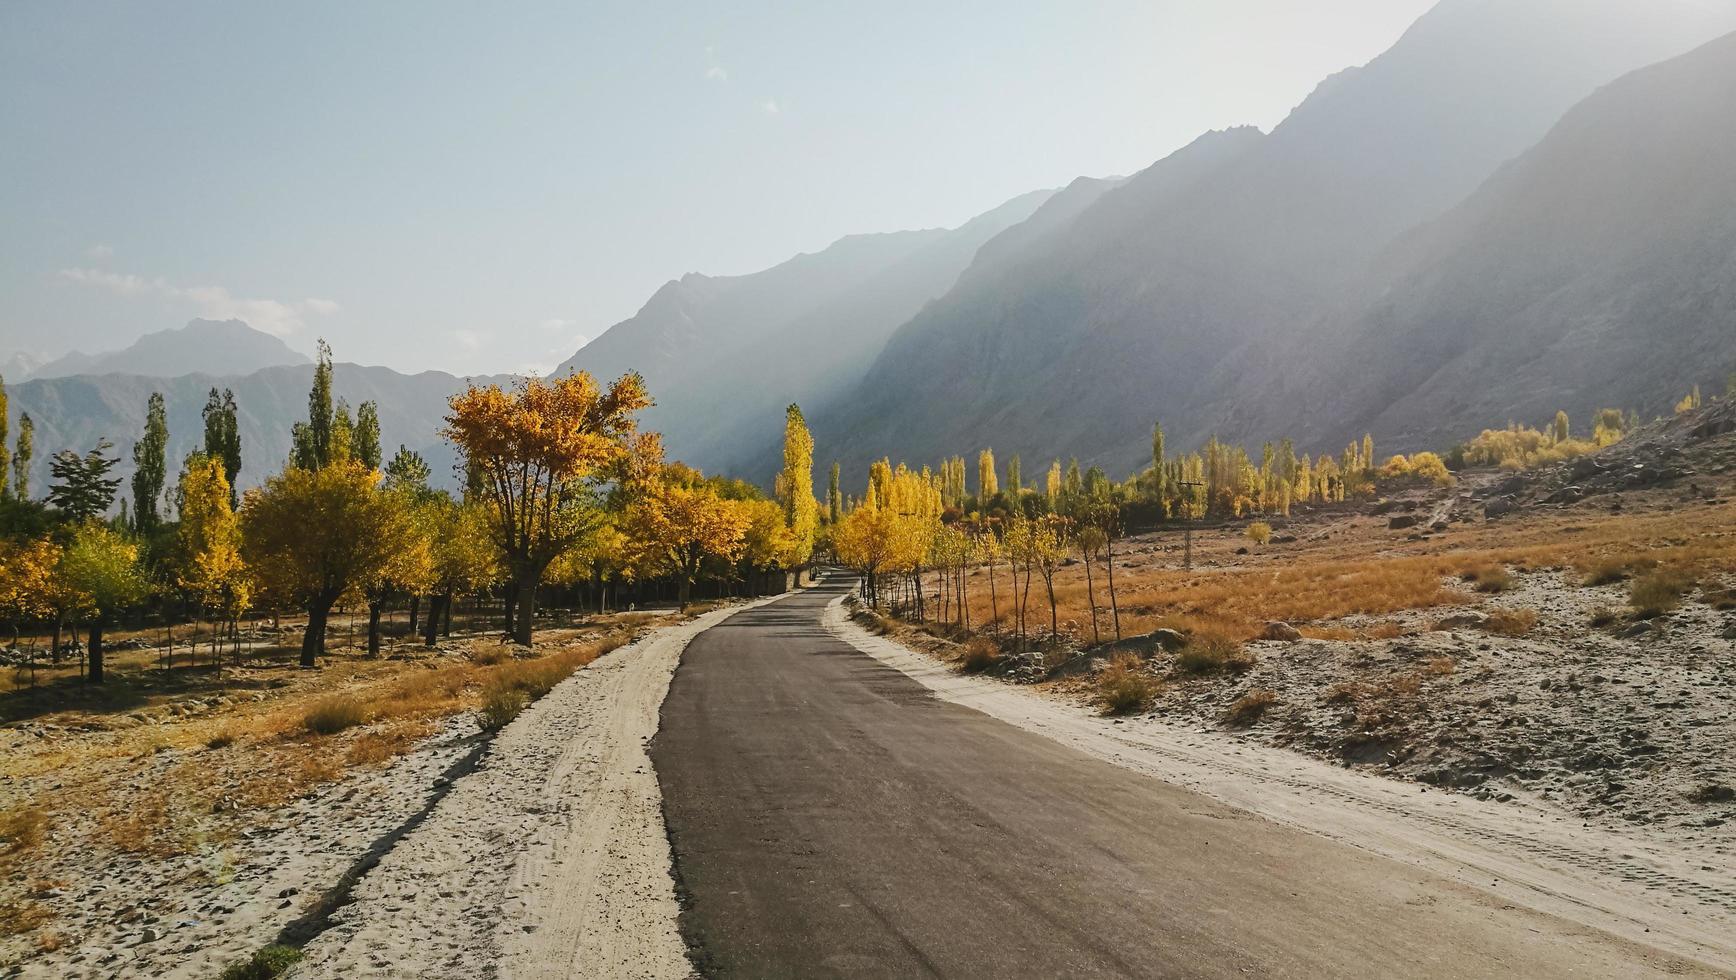 Herbstlaub in Thorgo mit Blick auf die Bergkette foto